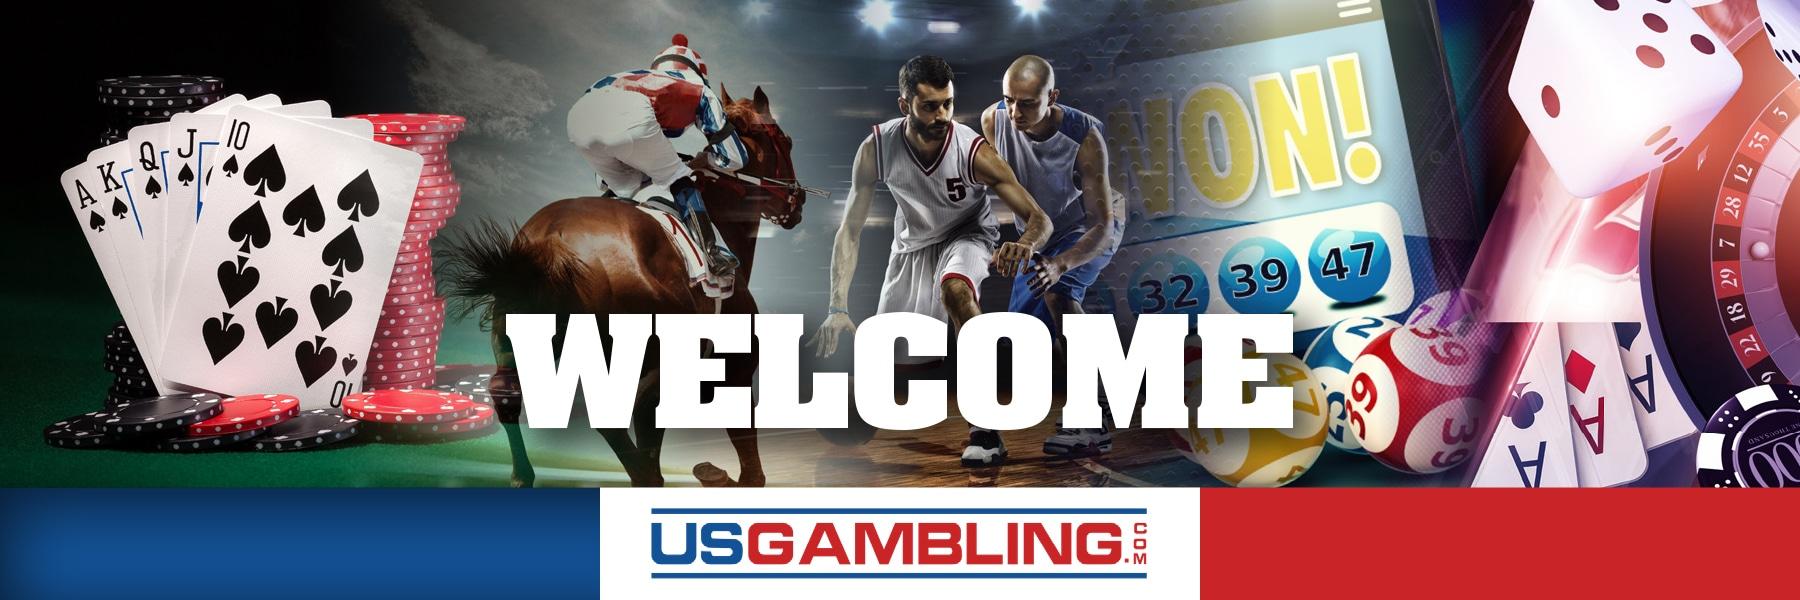 Legal US Gambling